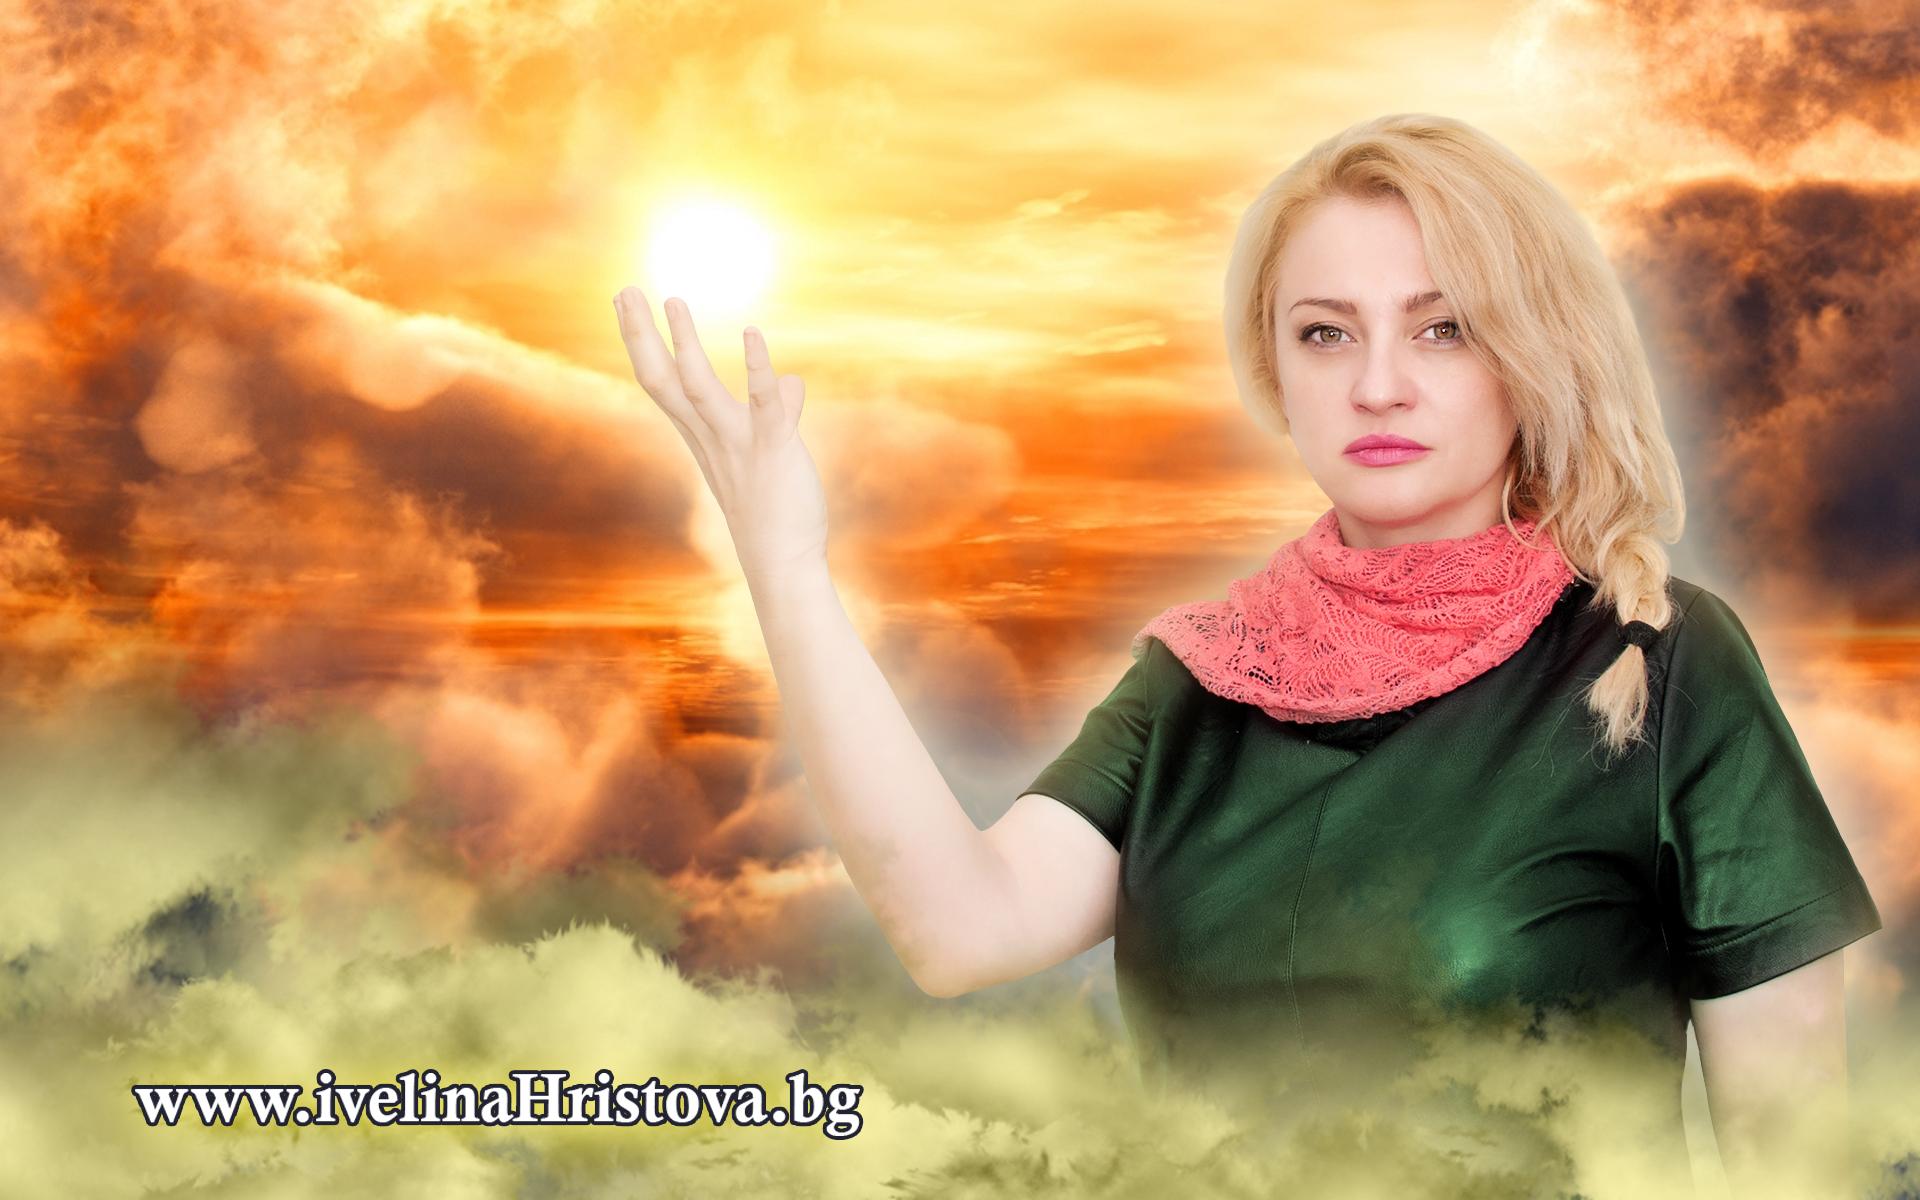 Ивелина Христова - Духовно сияние